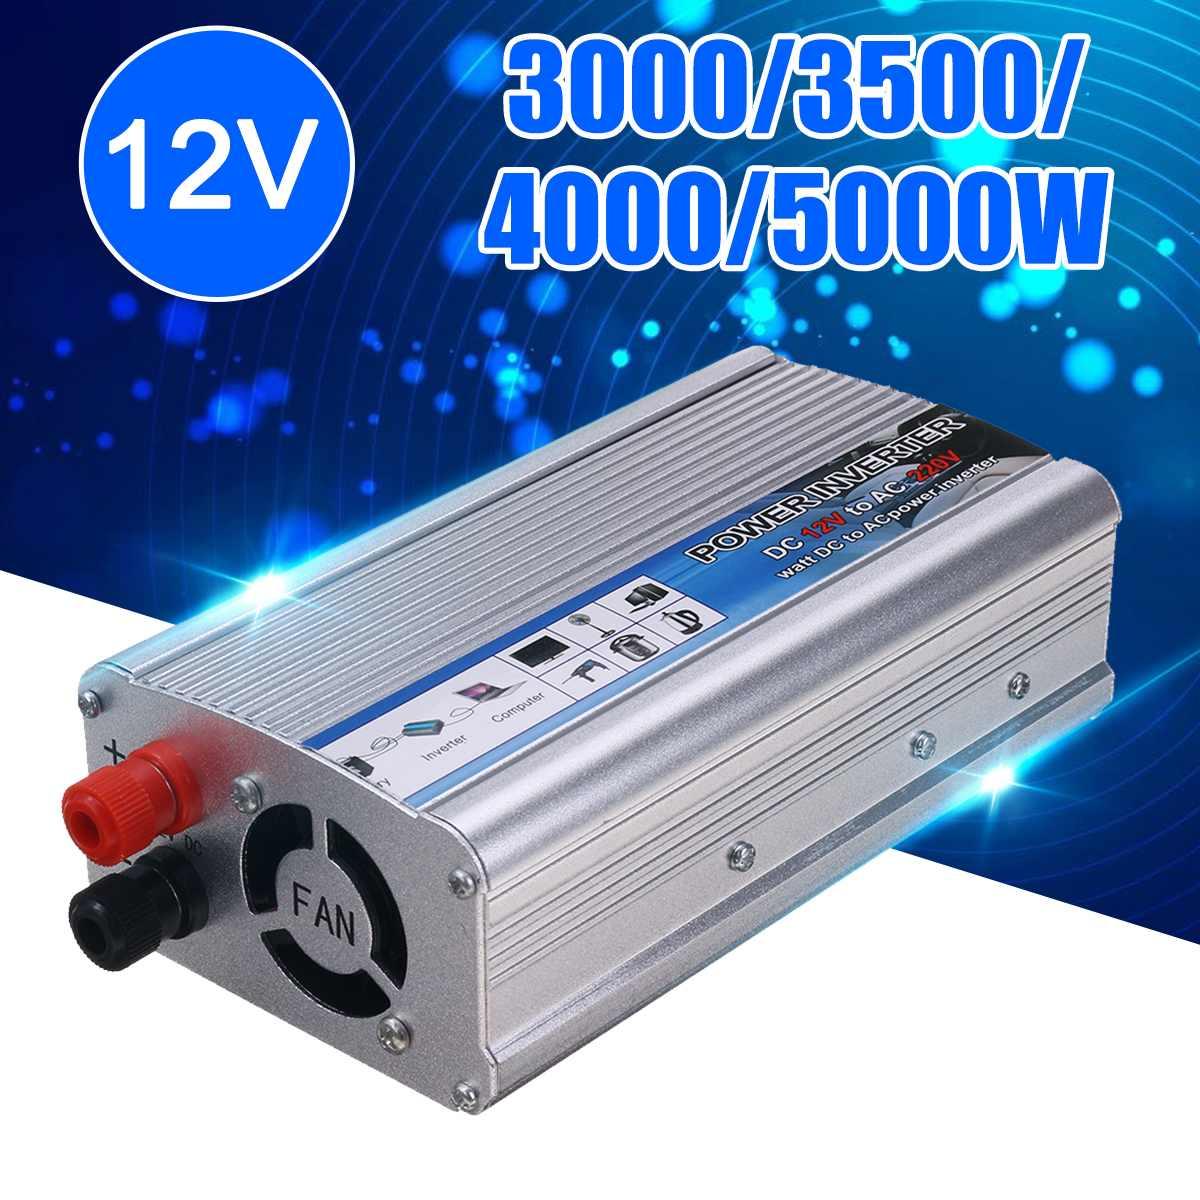 Onduleur solaire chaude 5000W-3000 watts cc 12V à AC 220V USB convertisseur à onde sinusoïdale modifié adaptateur de chargeur d'inverseur de puissance de voiture